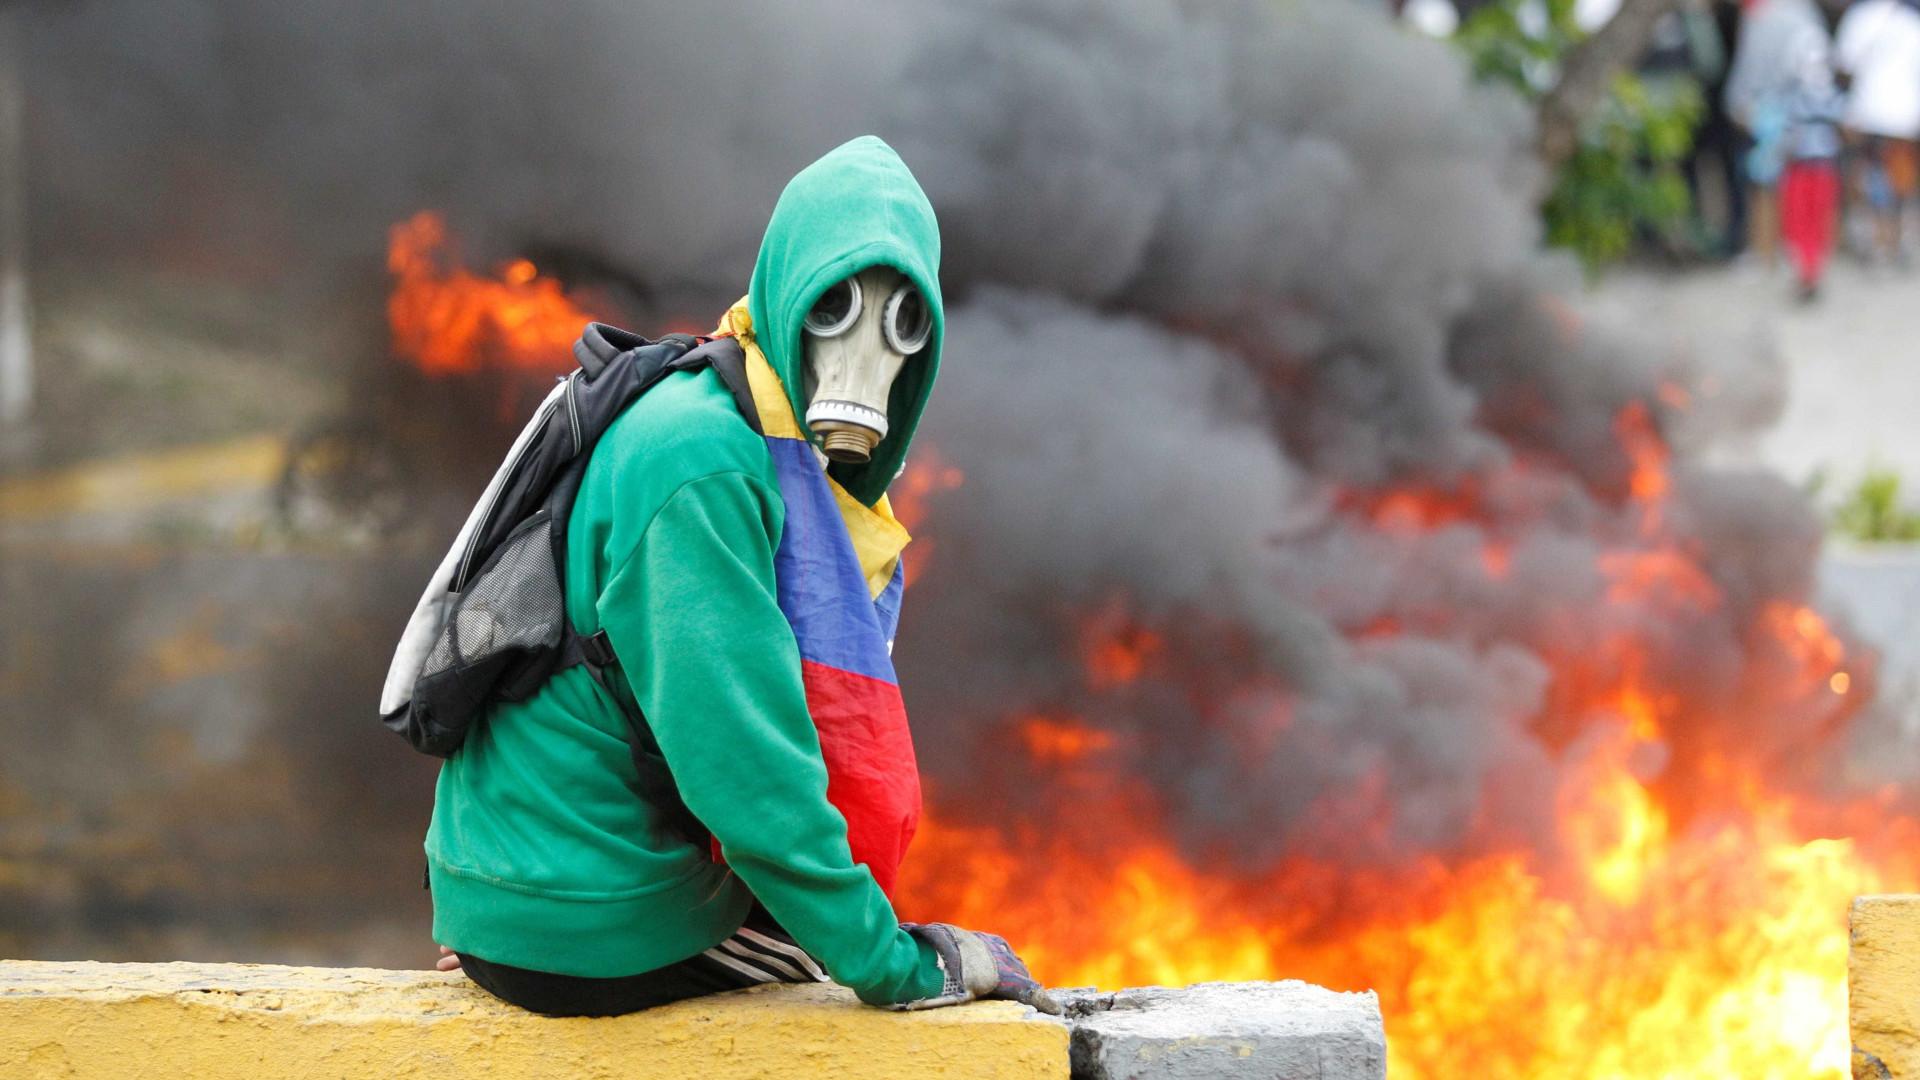 Venezuela: FMI estima mais de 2.000% de inflação em 2018